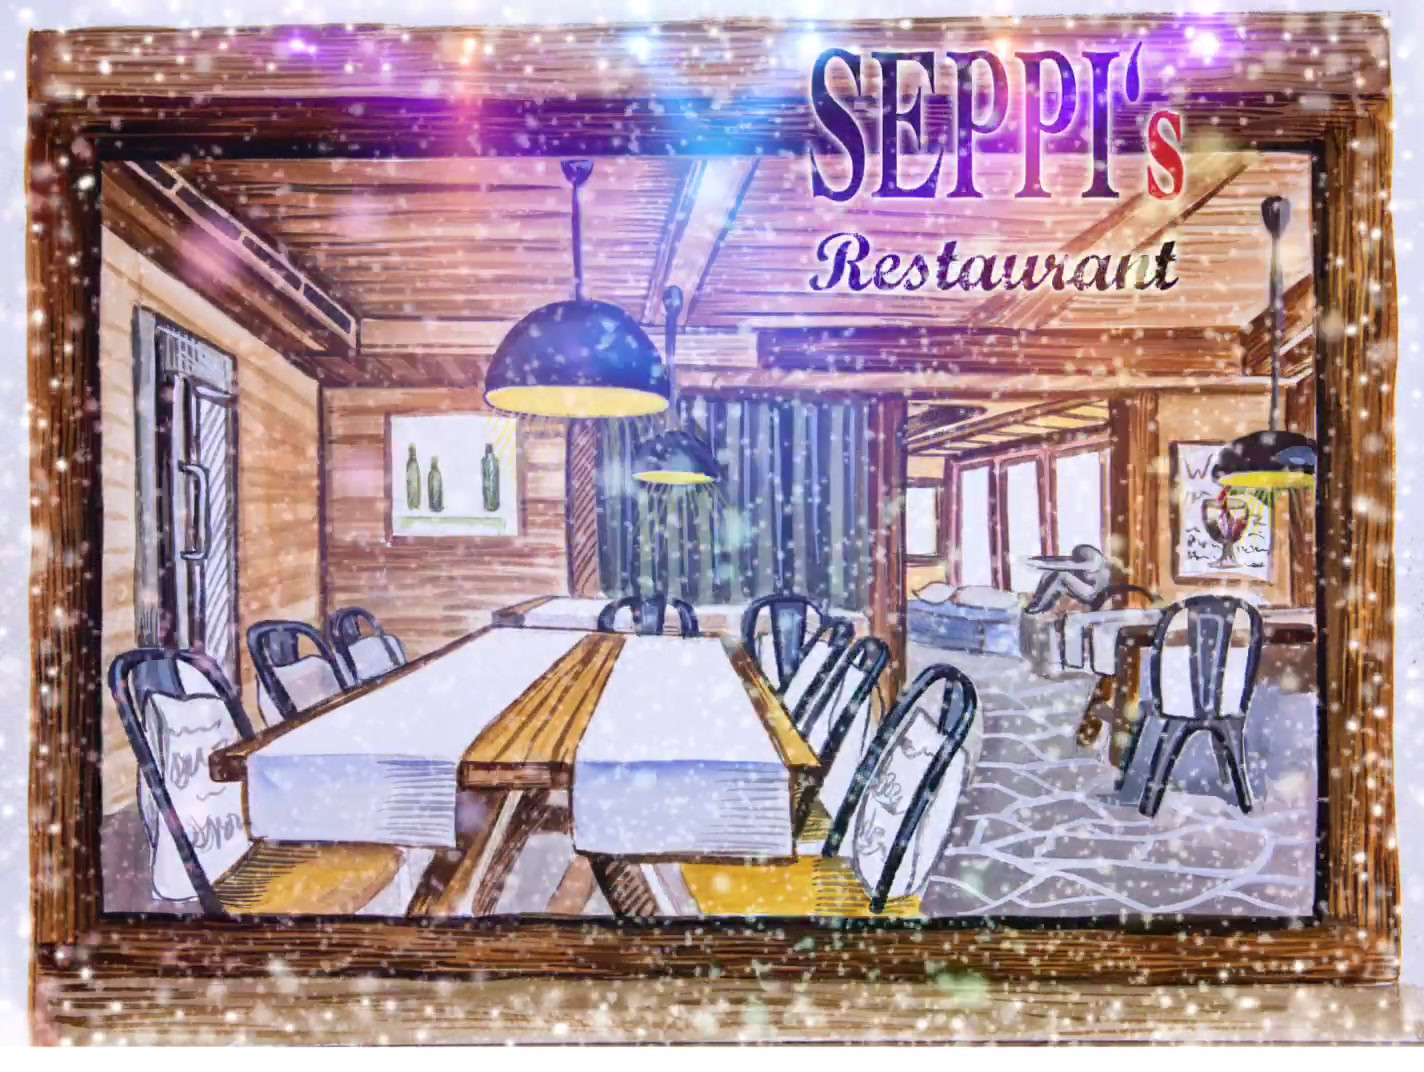 Seppis Restaurant.MOV